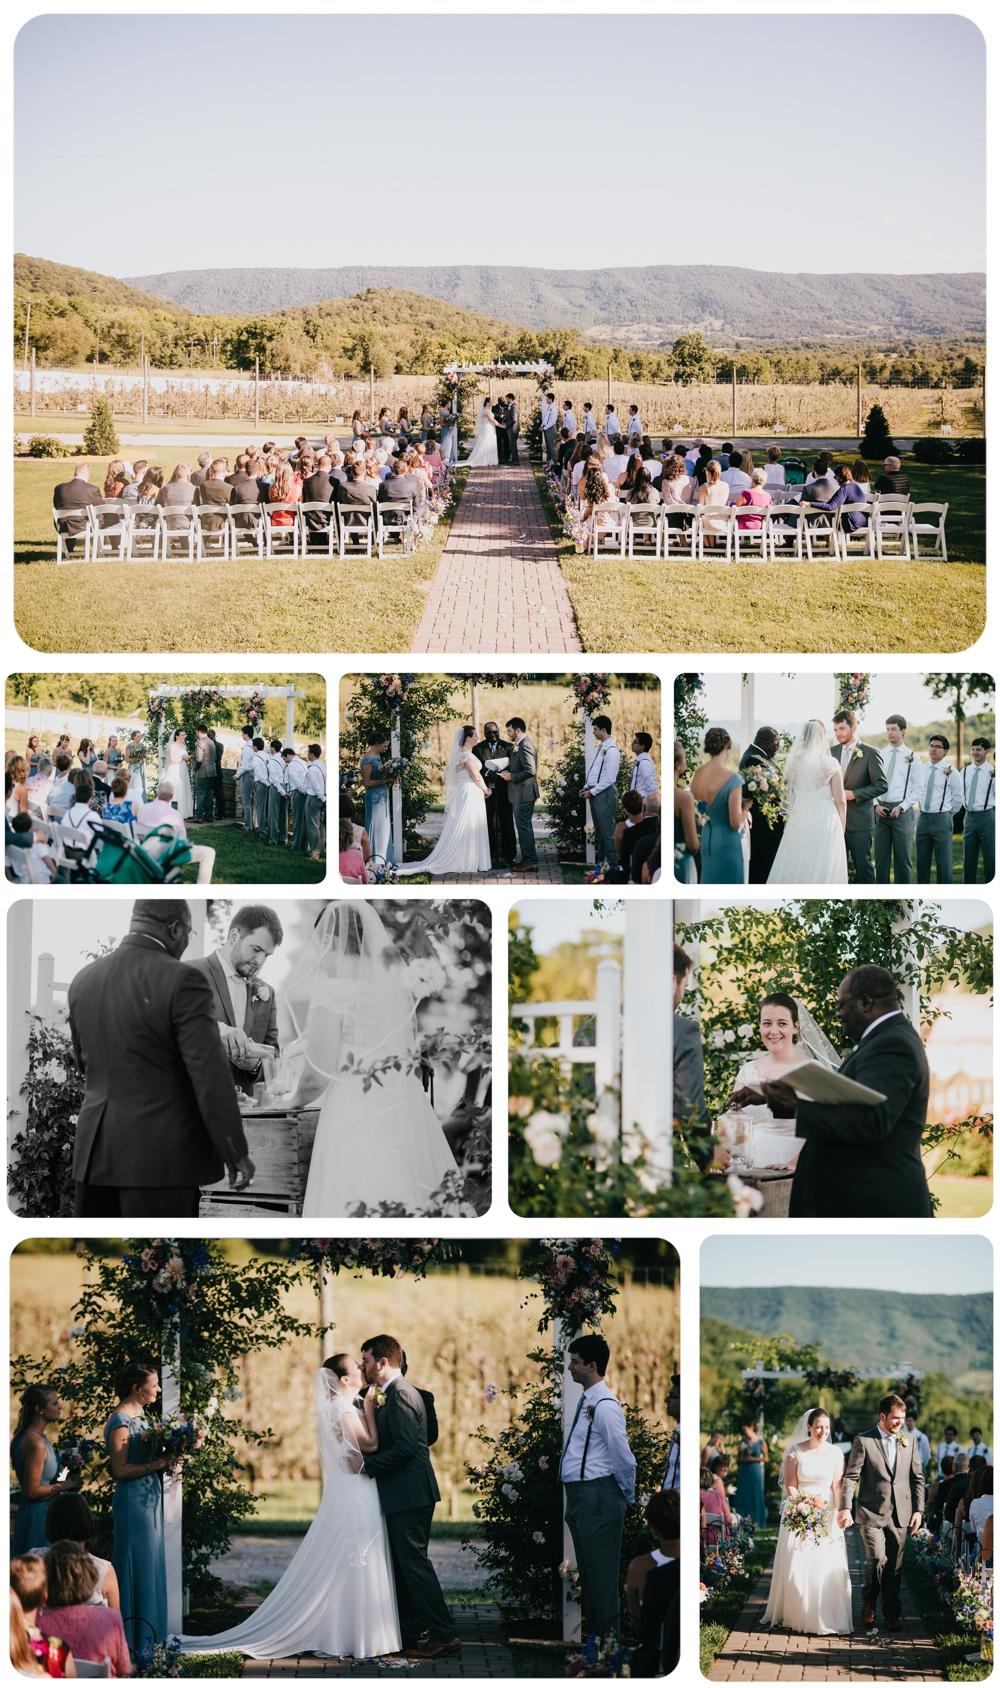 Kelly-Zach-Collage-8.jpg